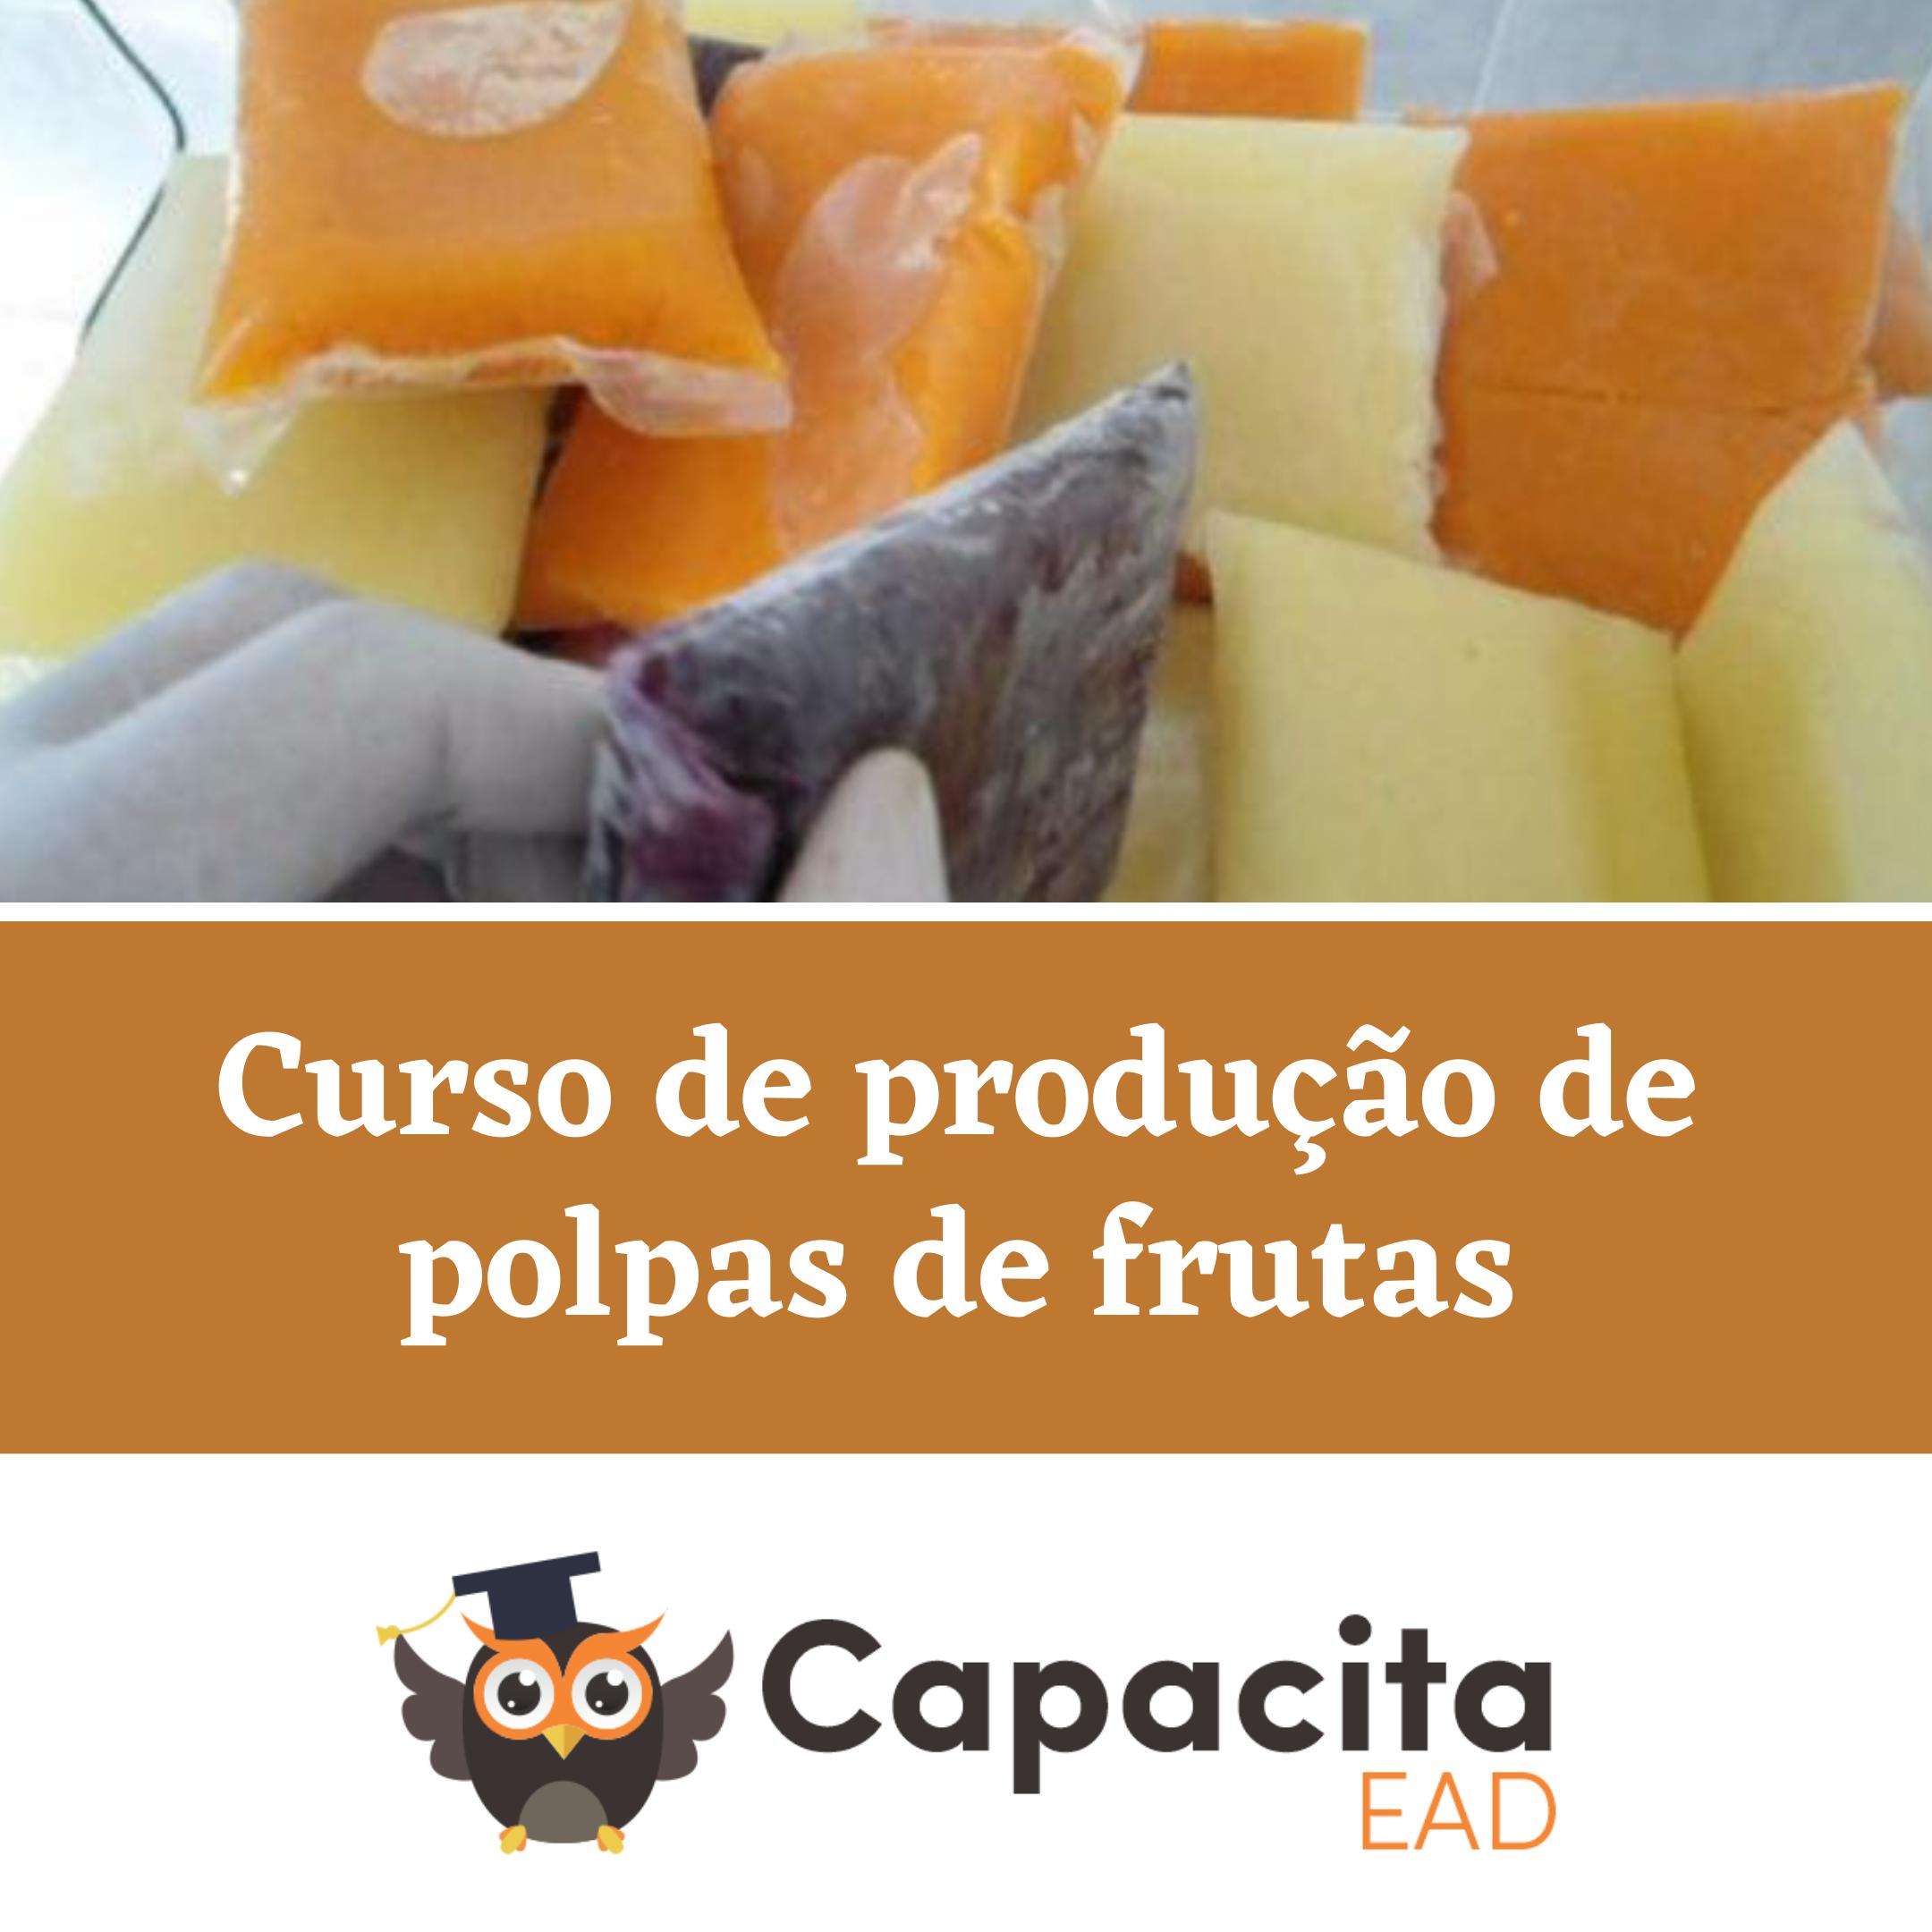 Curso de produção de polpas de frutas